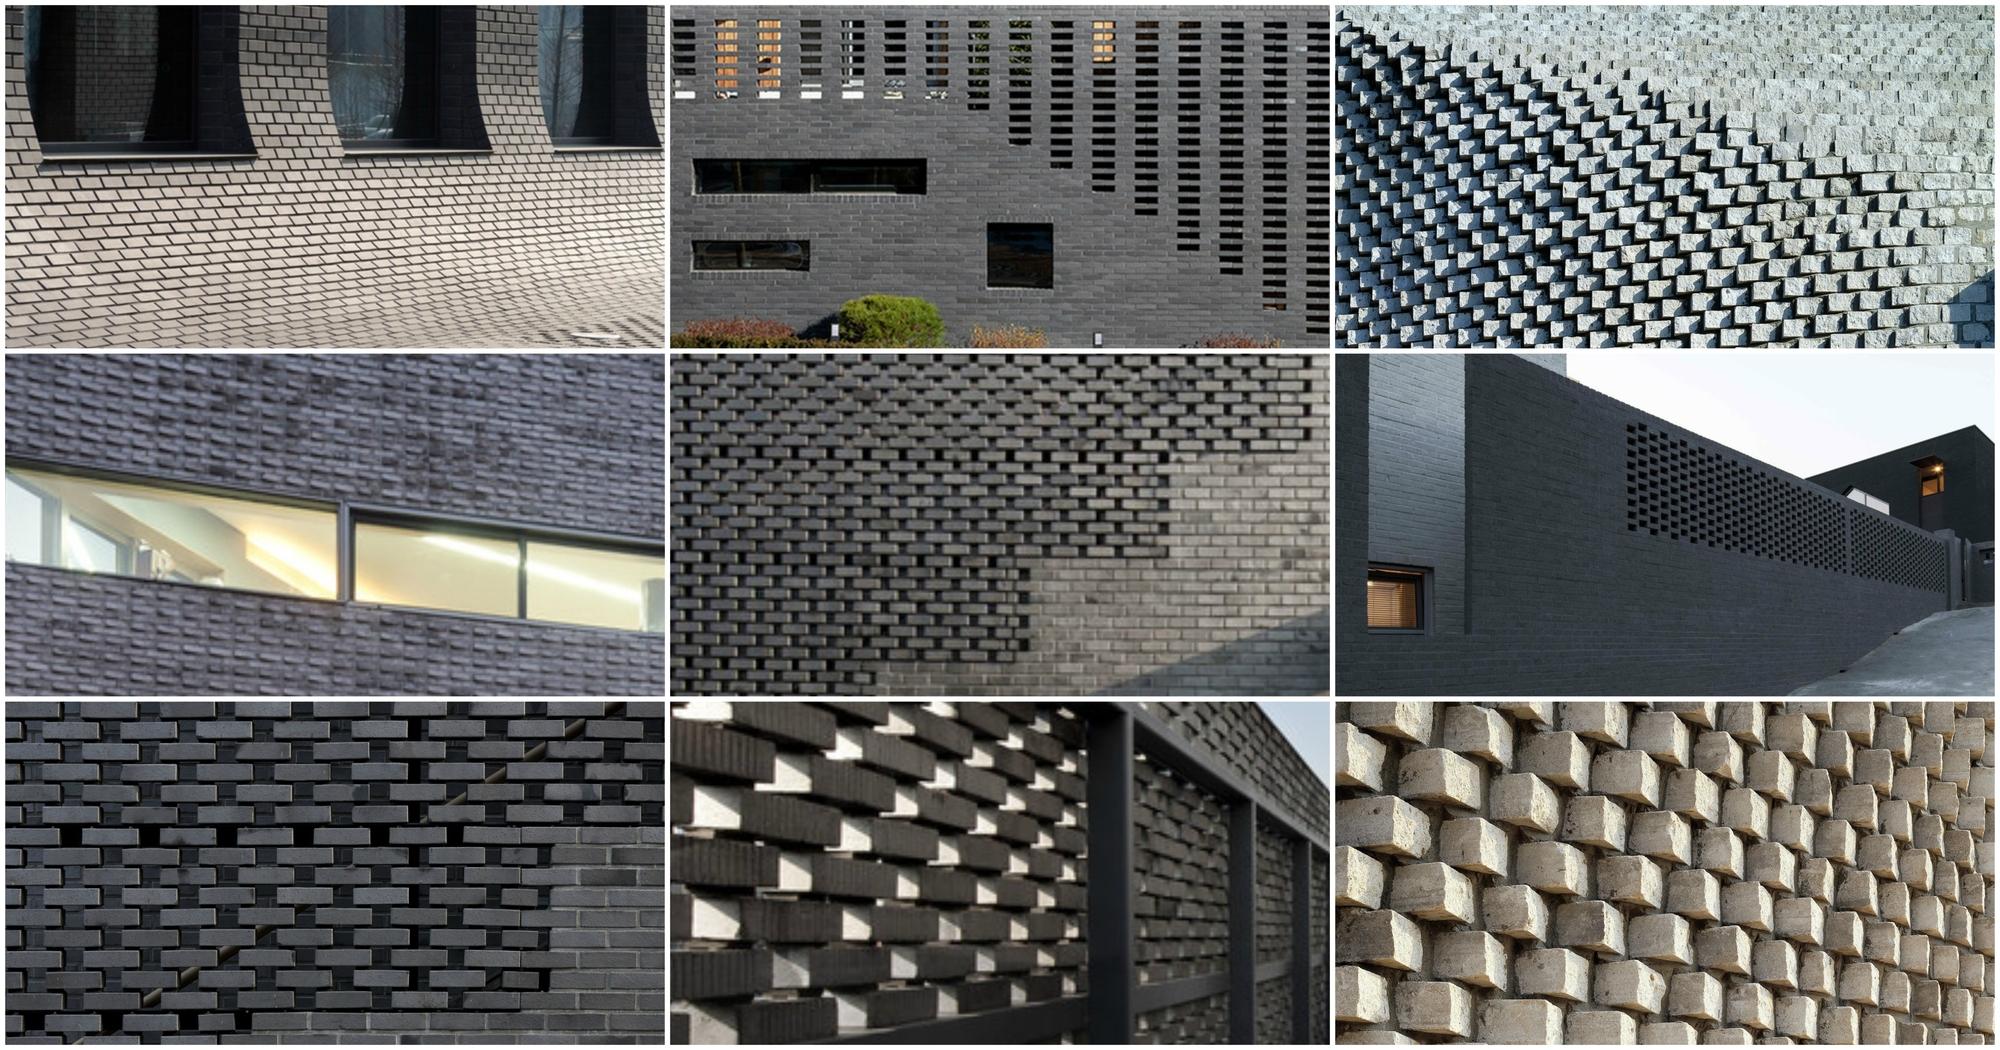 12 obras en Corea del Sur que exploran la utilización del ladrillo negro